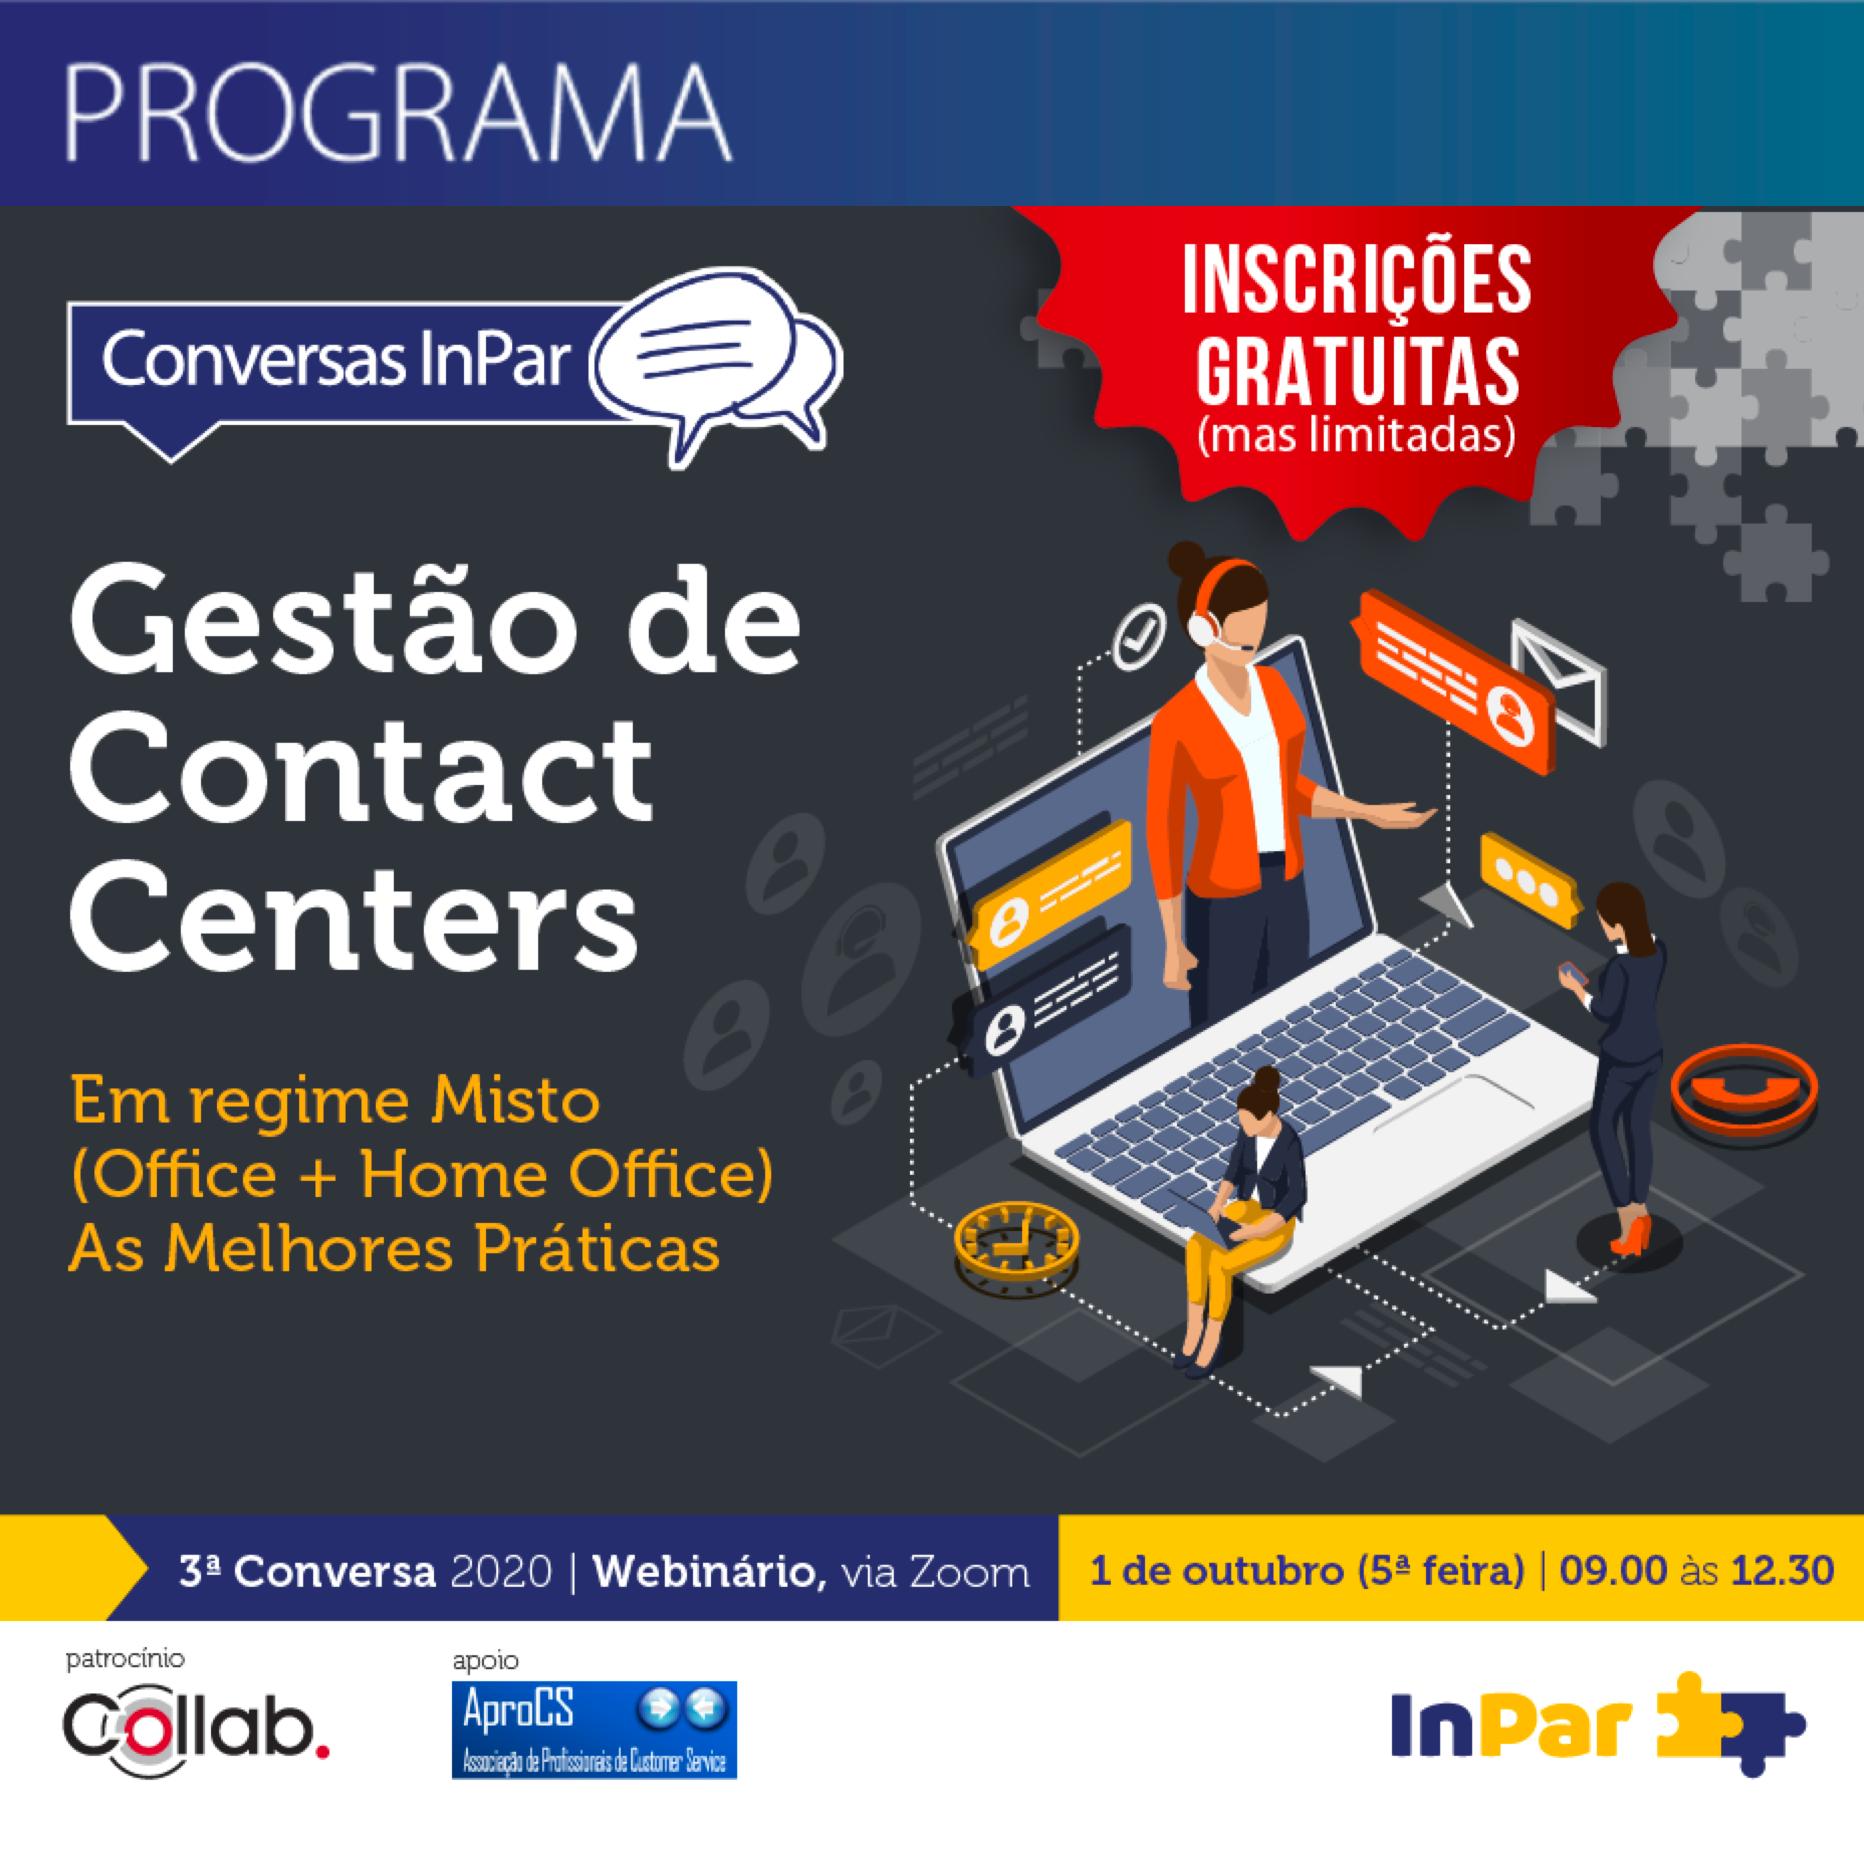 Gestão de Contact Centers